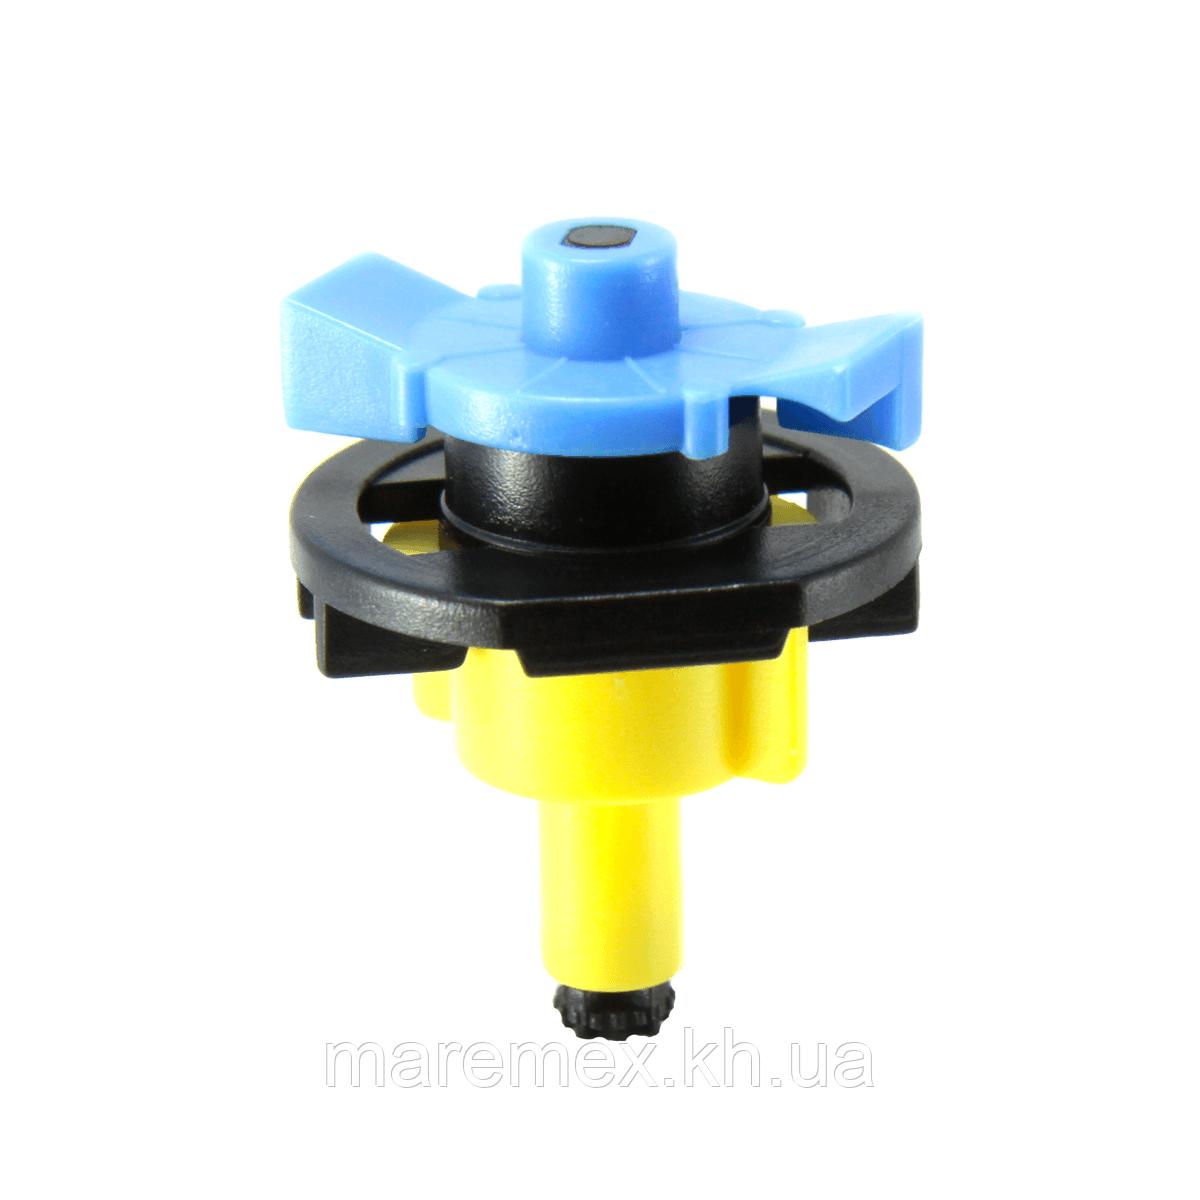 Крапельниця для поливу Presto-PS микроджет Колібрі (MS-8060)